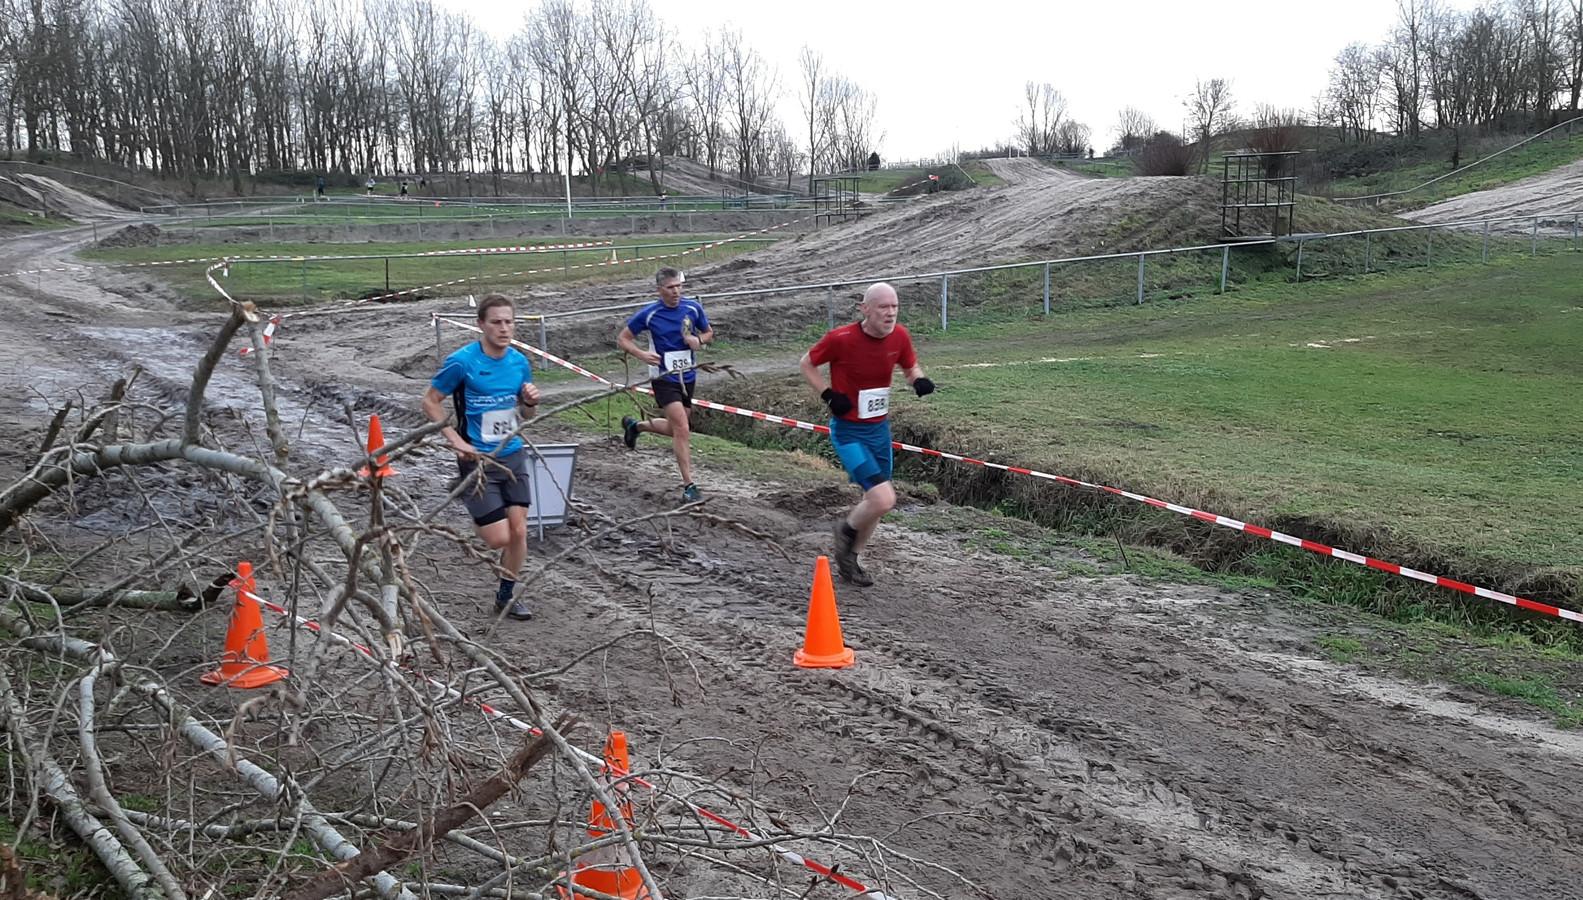 Rick Hendriks (links) snelt naar de finish. De lopers rechts moeten nog een ronde.